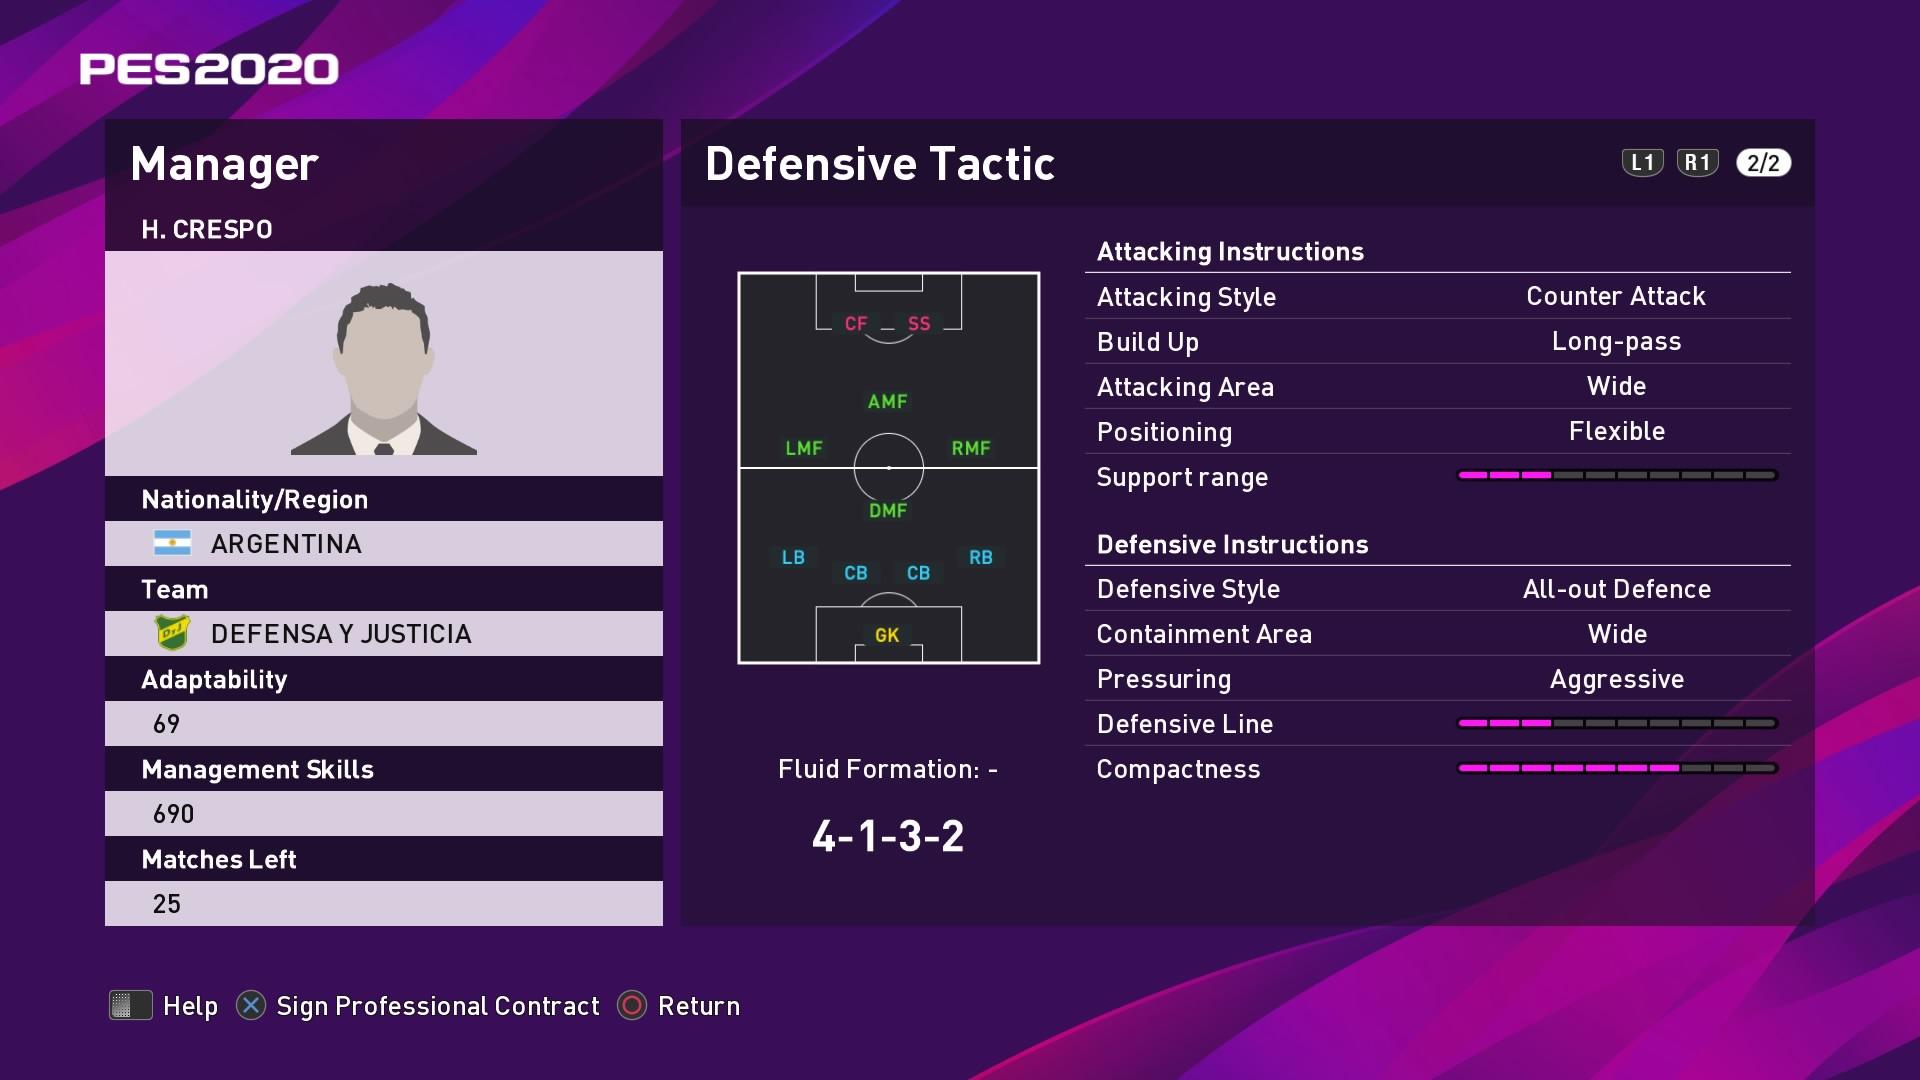 H. Crespo (Hernán Crespo) Defensive Tactic in PES 2020 myClub